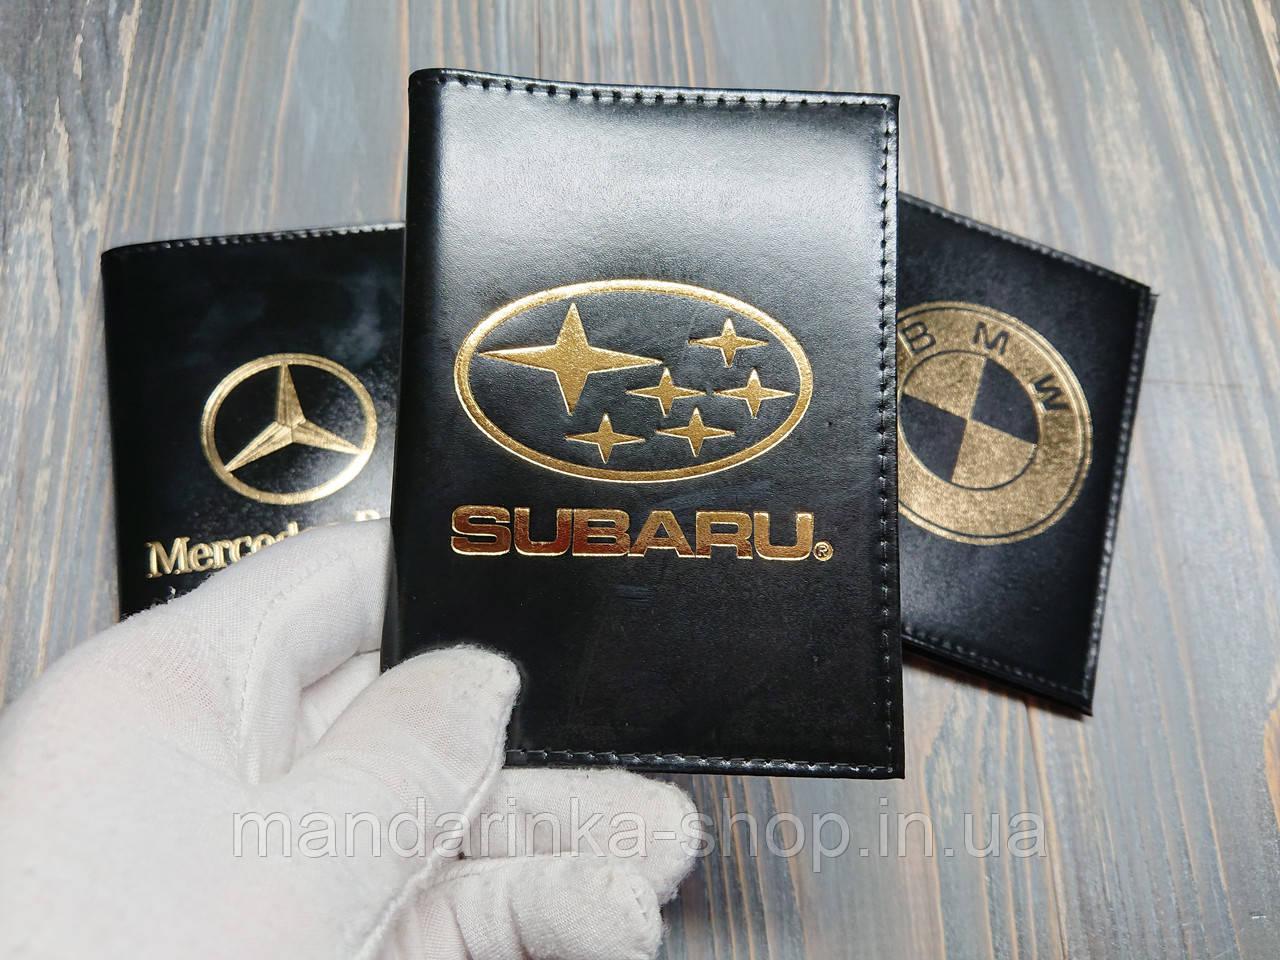 Кожаная обложка для автодокументов с логотипом Subaru, для прав старого и нового образца